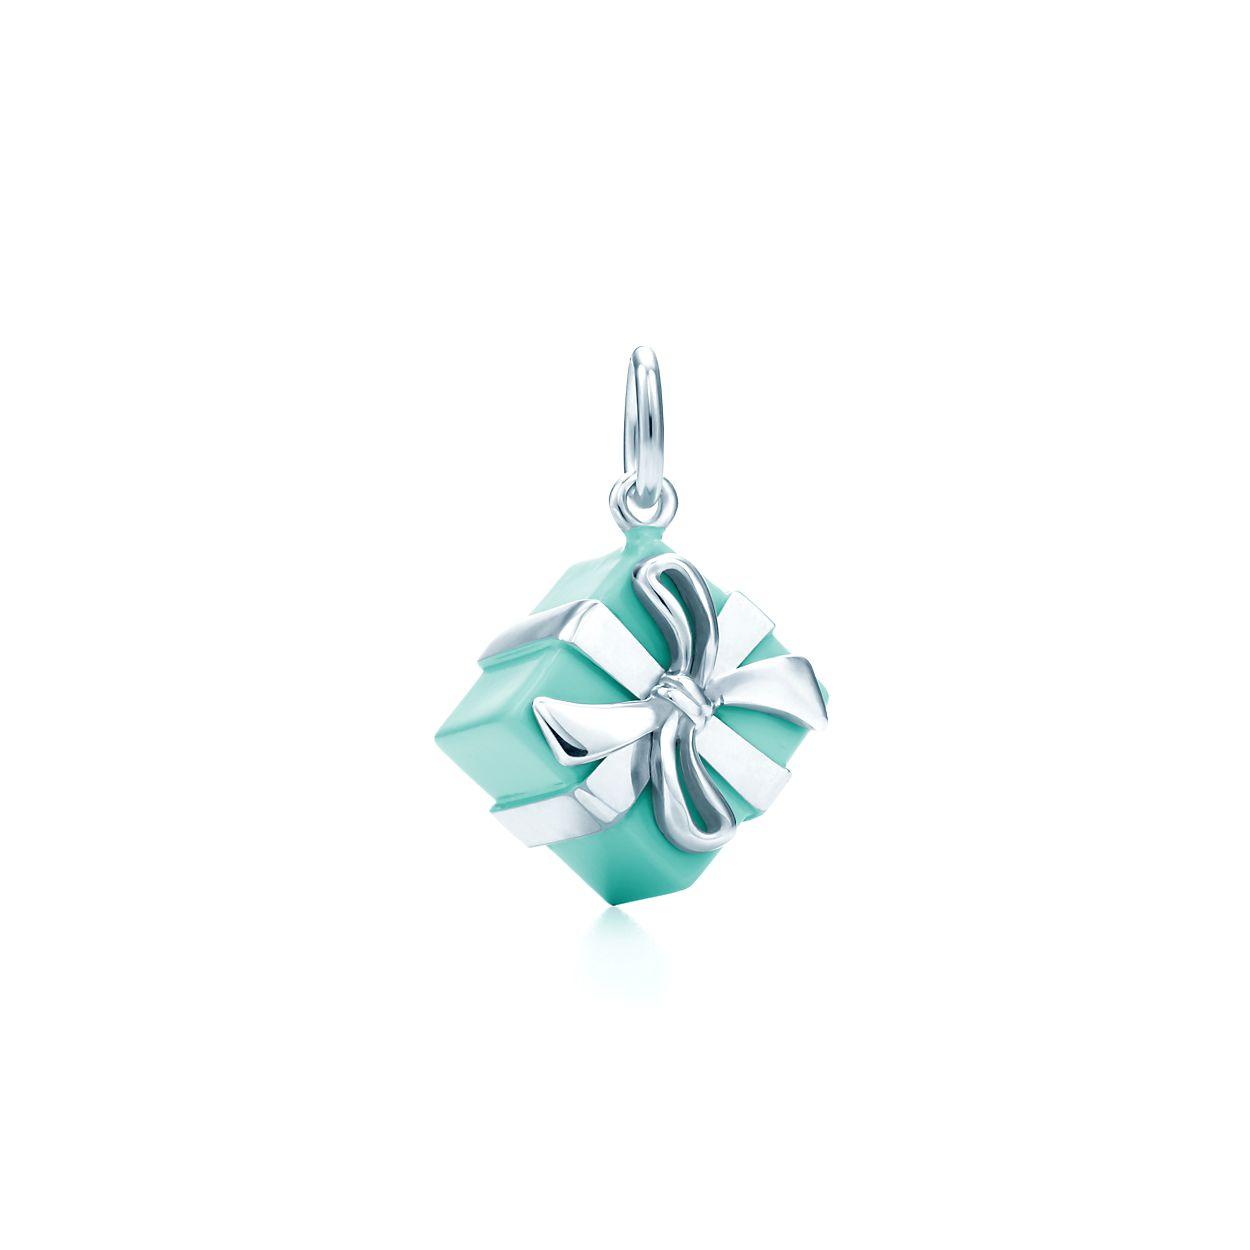 Tiffany & Co shopping bag charm in sterling silver with enamel finish Tiffany & Co. yZsg9eCx3